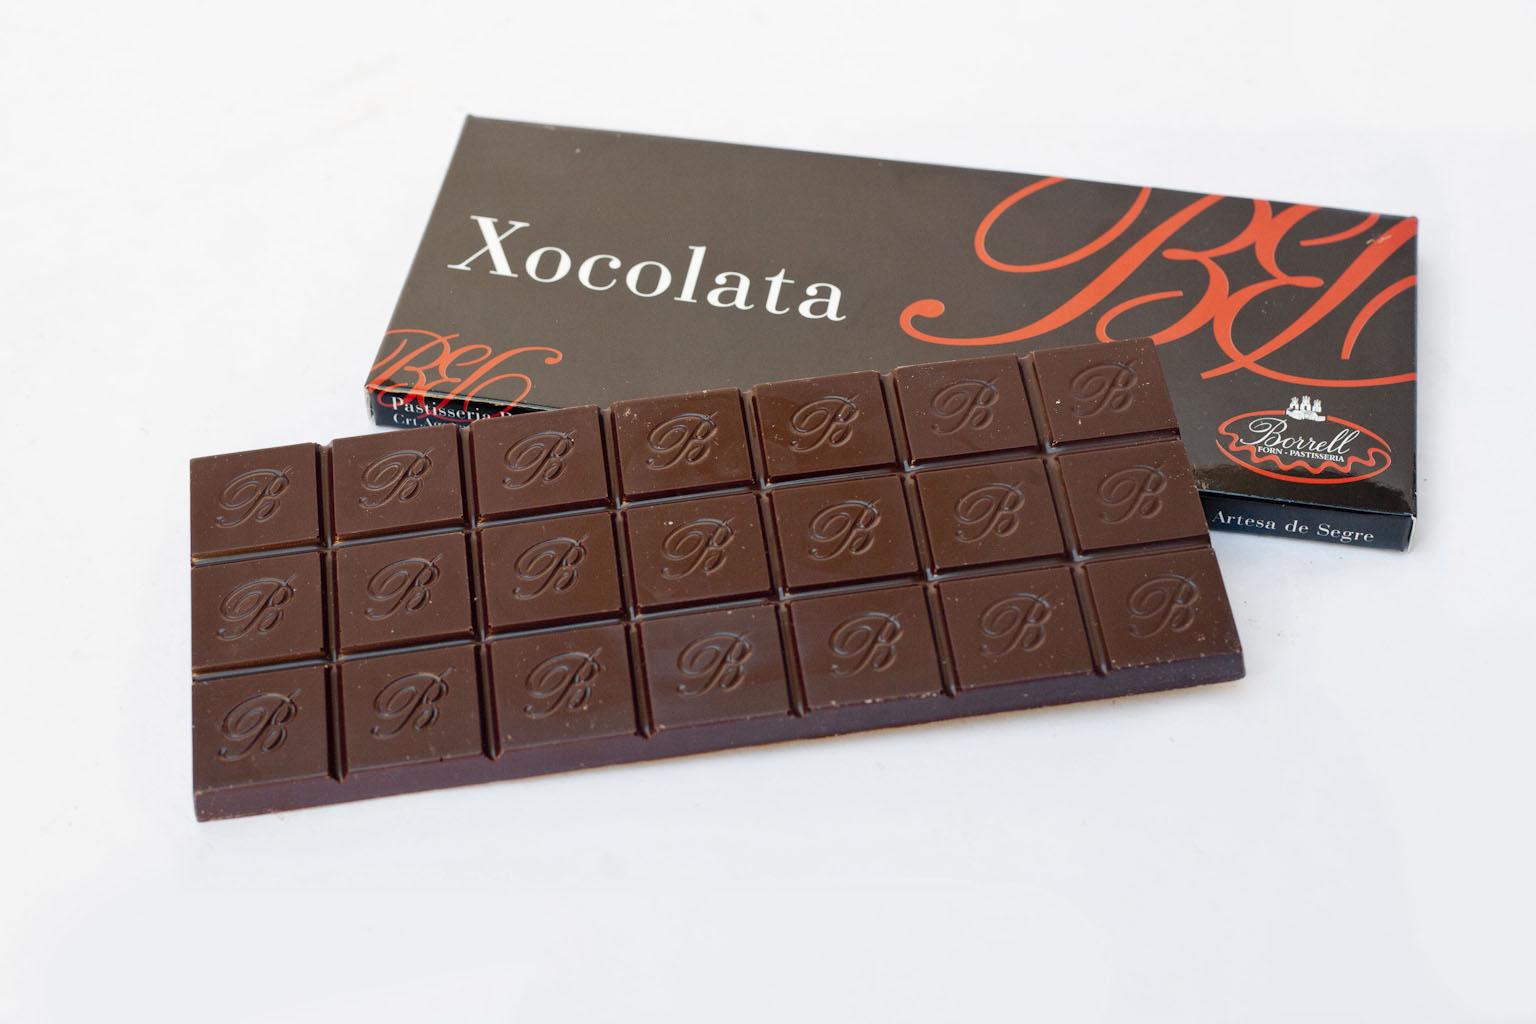 Xocolata negra del 70%